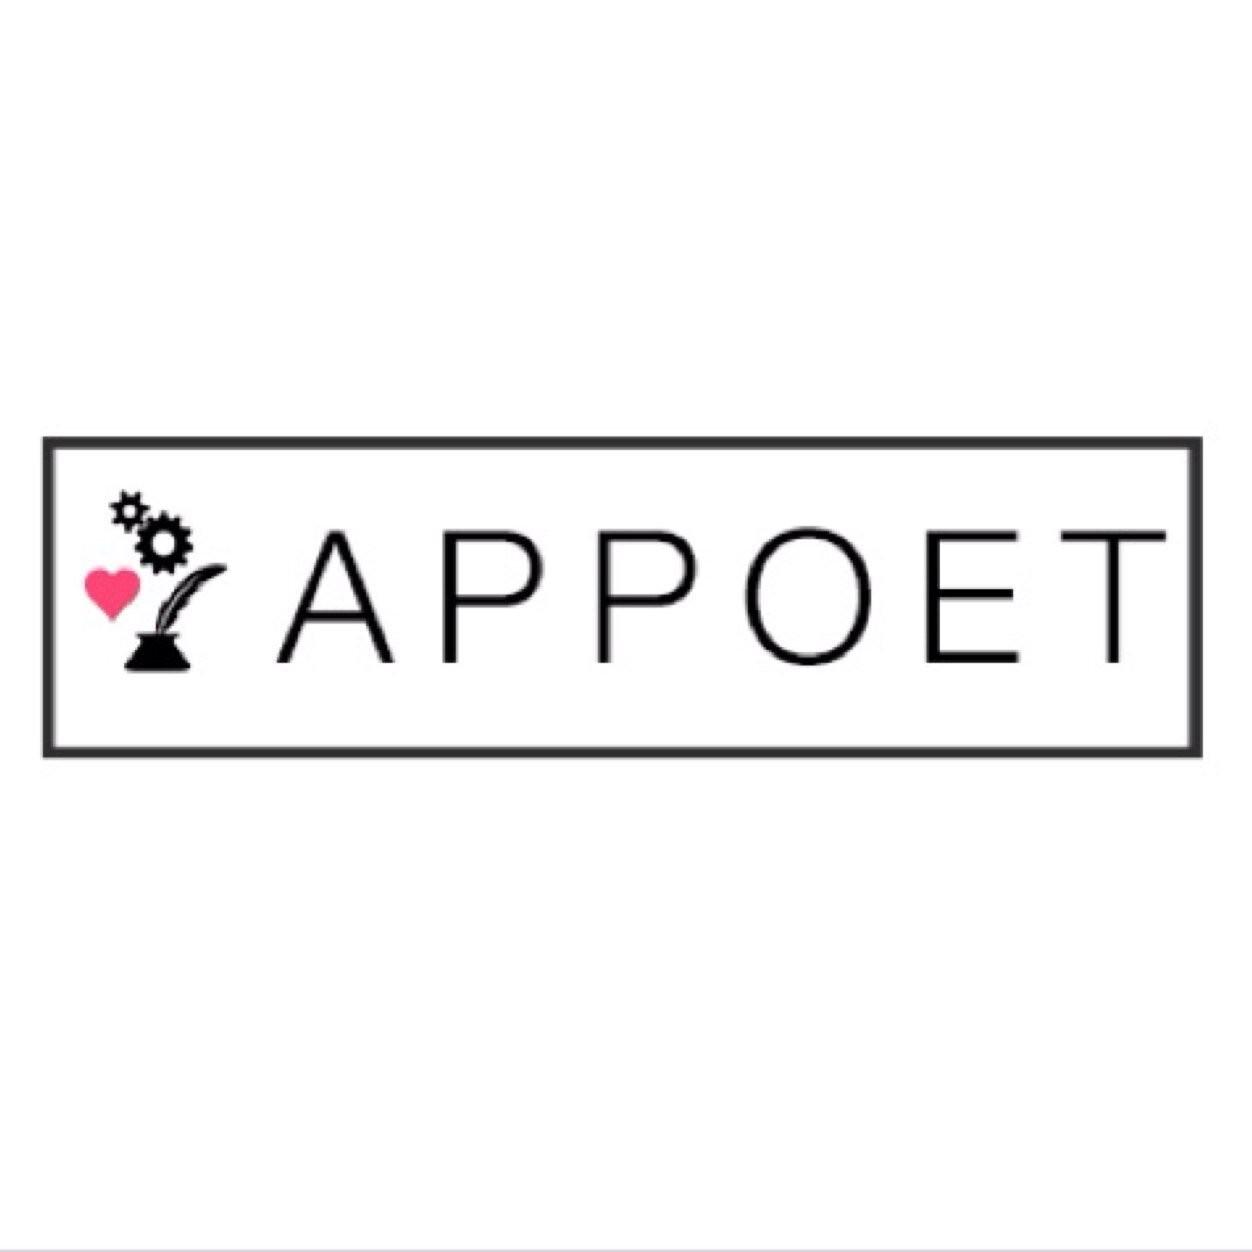 Appoet